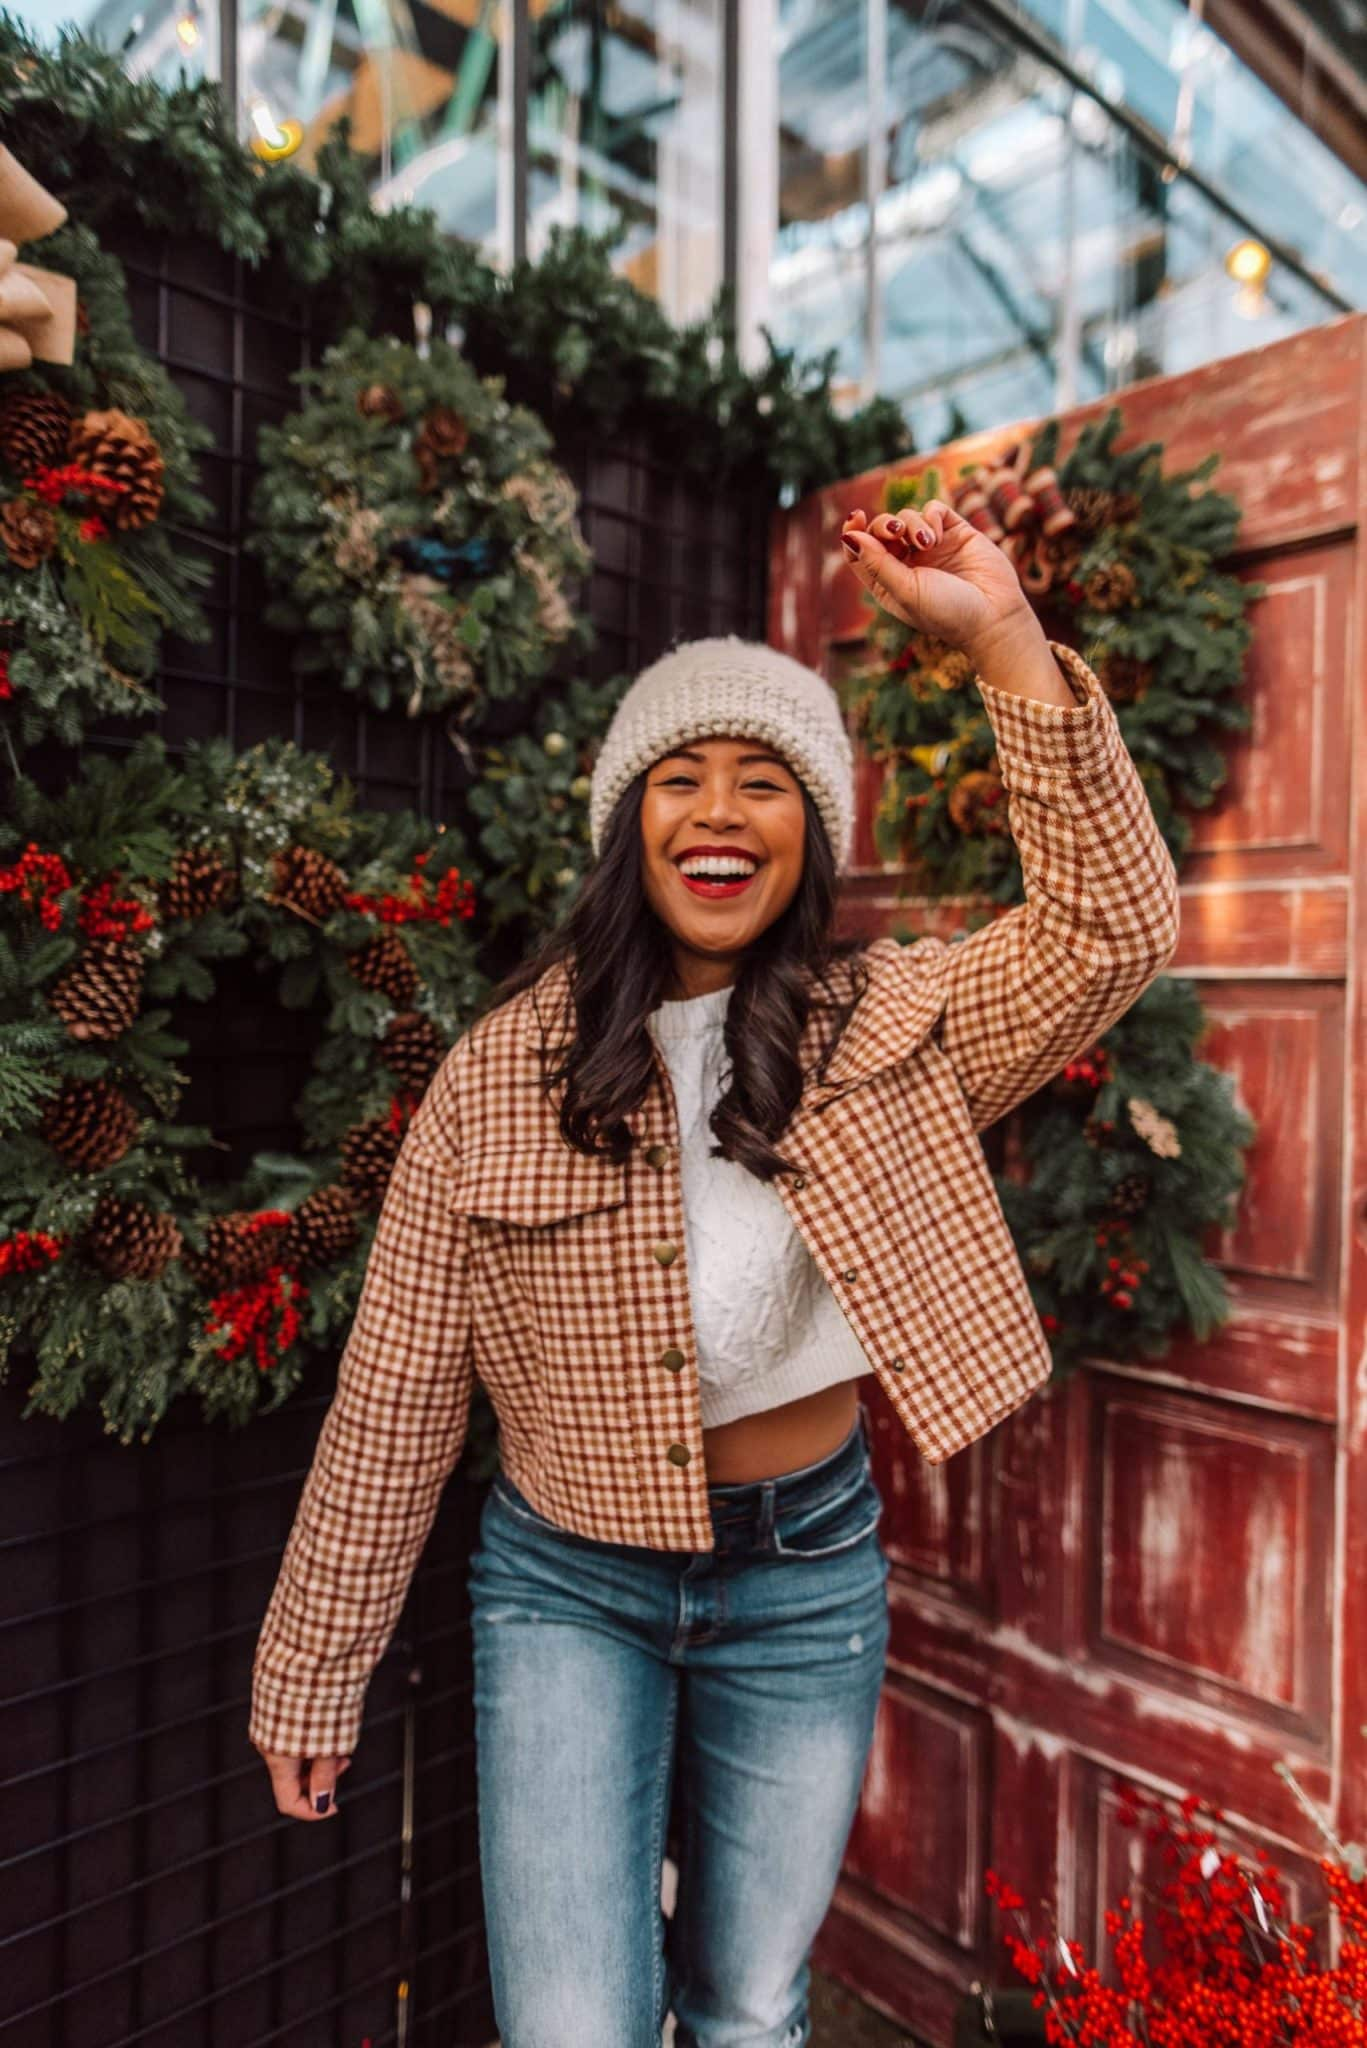 Női télikabátok - Téli kabátok - téli ruházati ötletek nőknek - téli stílus - téli ruházati ötletek - téli ruhák - A kockás szövetkabát bőr betéttel